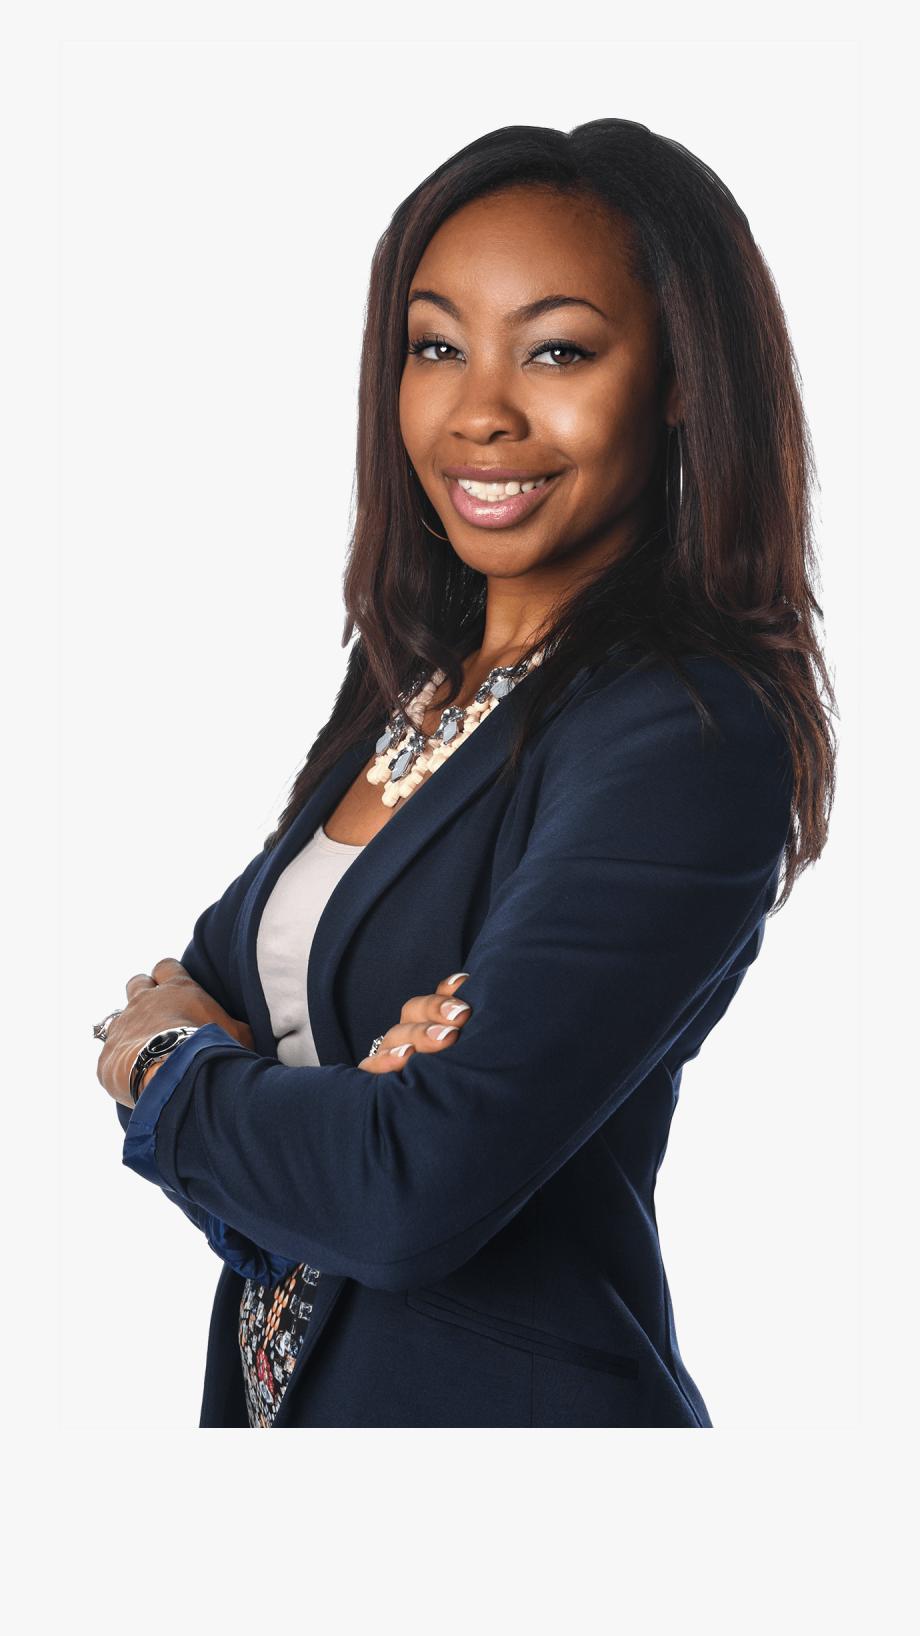 Télécharger photo black business woman png